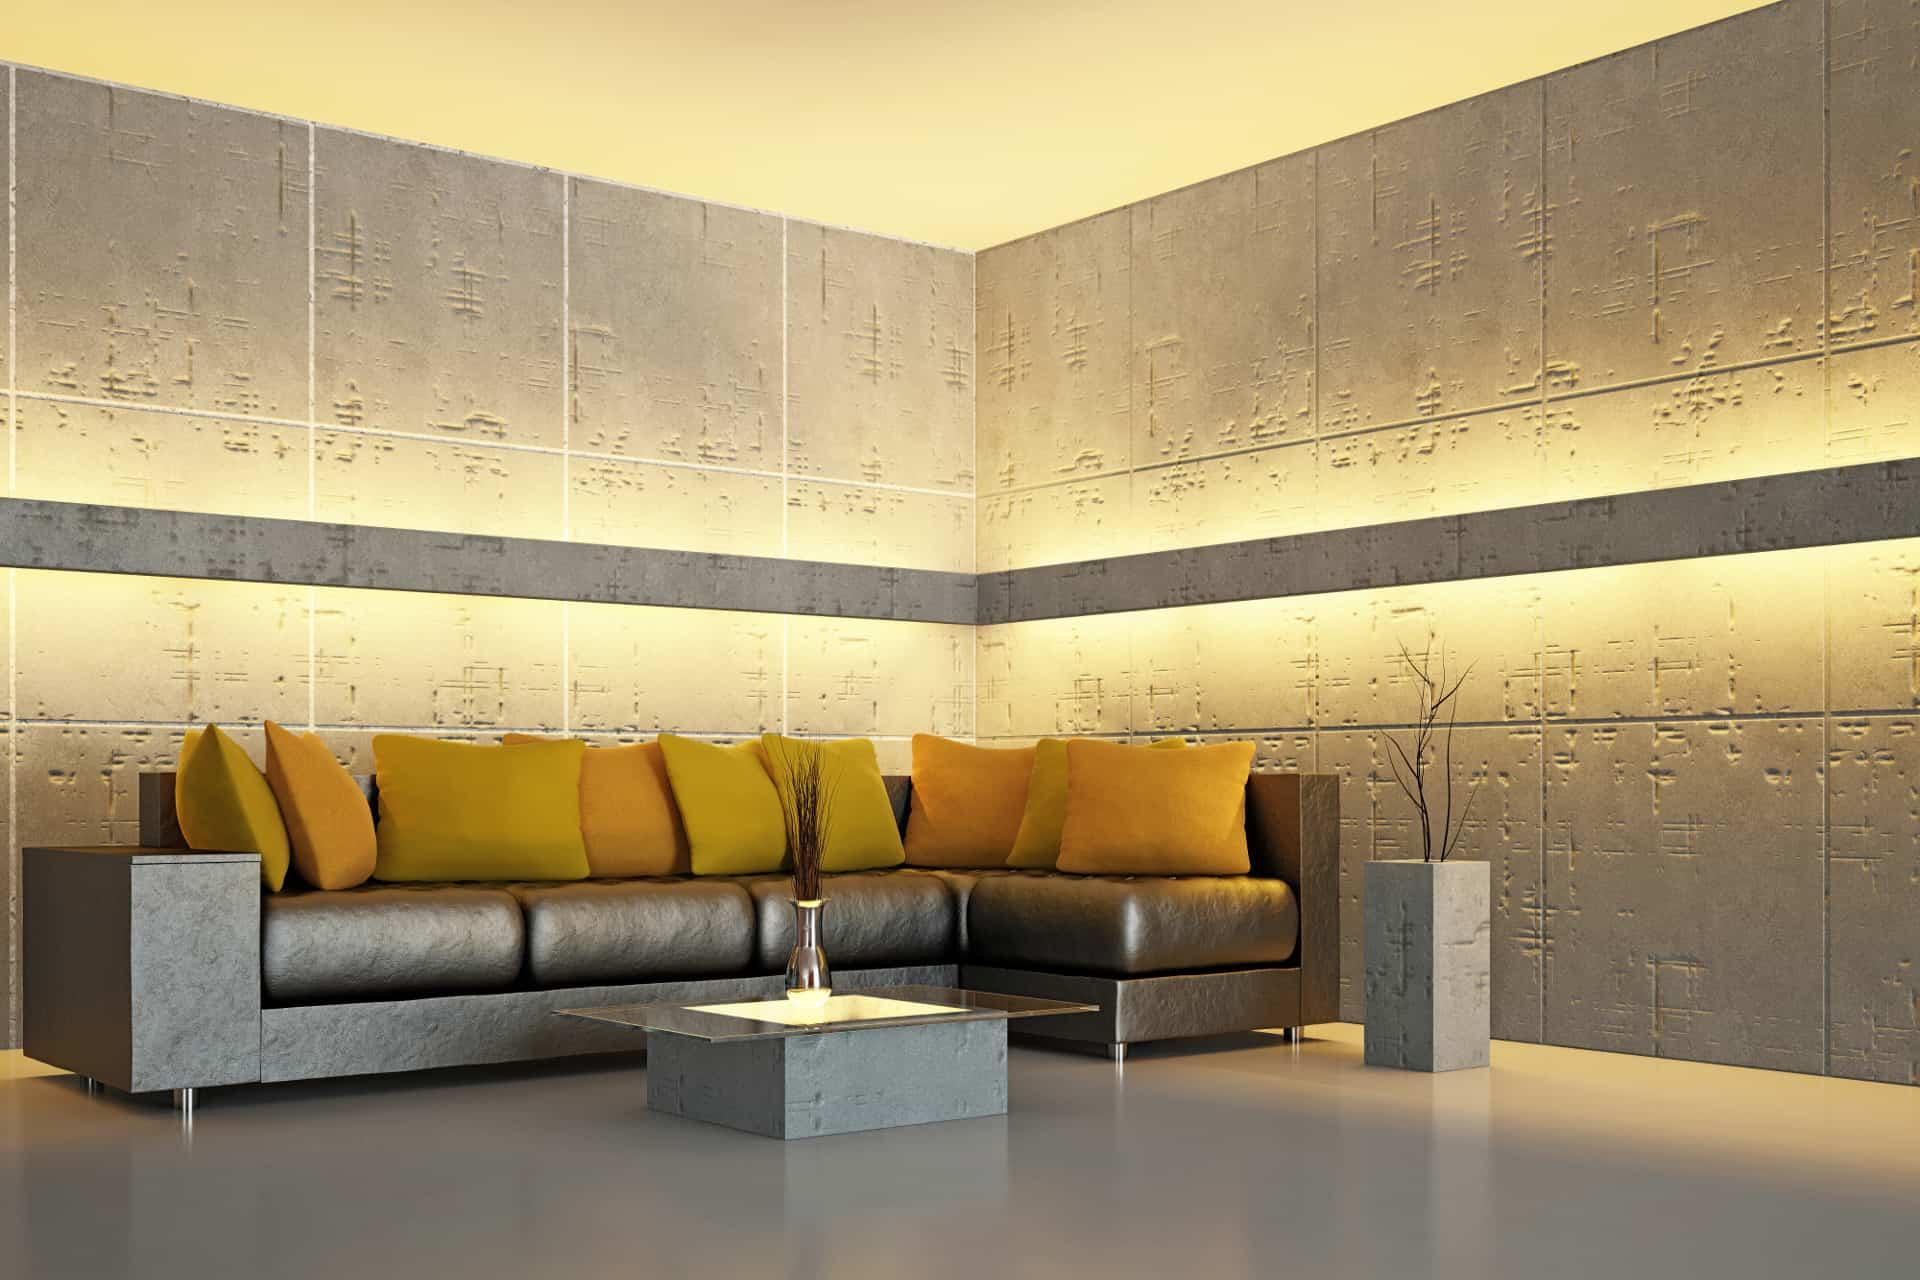 Full Size of Schöne Decken So Schn Ist Indirekte Beleuchtung Mit Led Licht Betten Deckenlampe Esstisch Bad Wohnzimmer Deckenleuchte Badezimmer Schlafzimmer Modern Wohnzimmer Schöne Decken